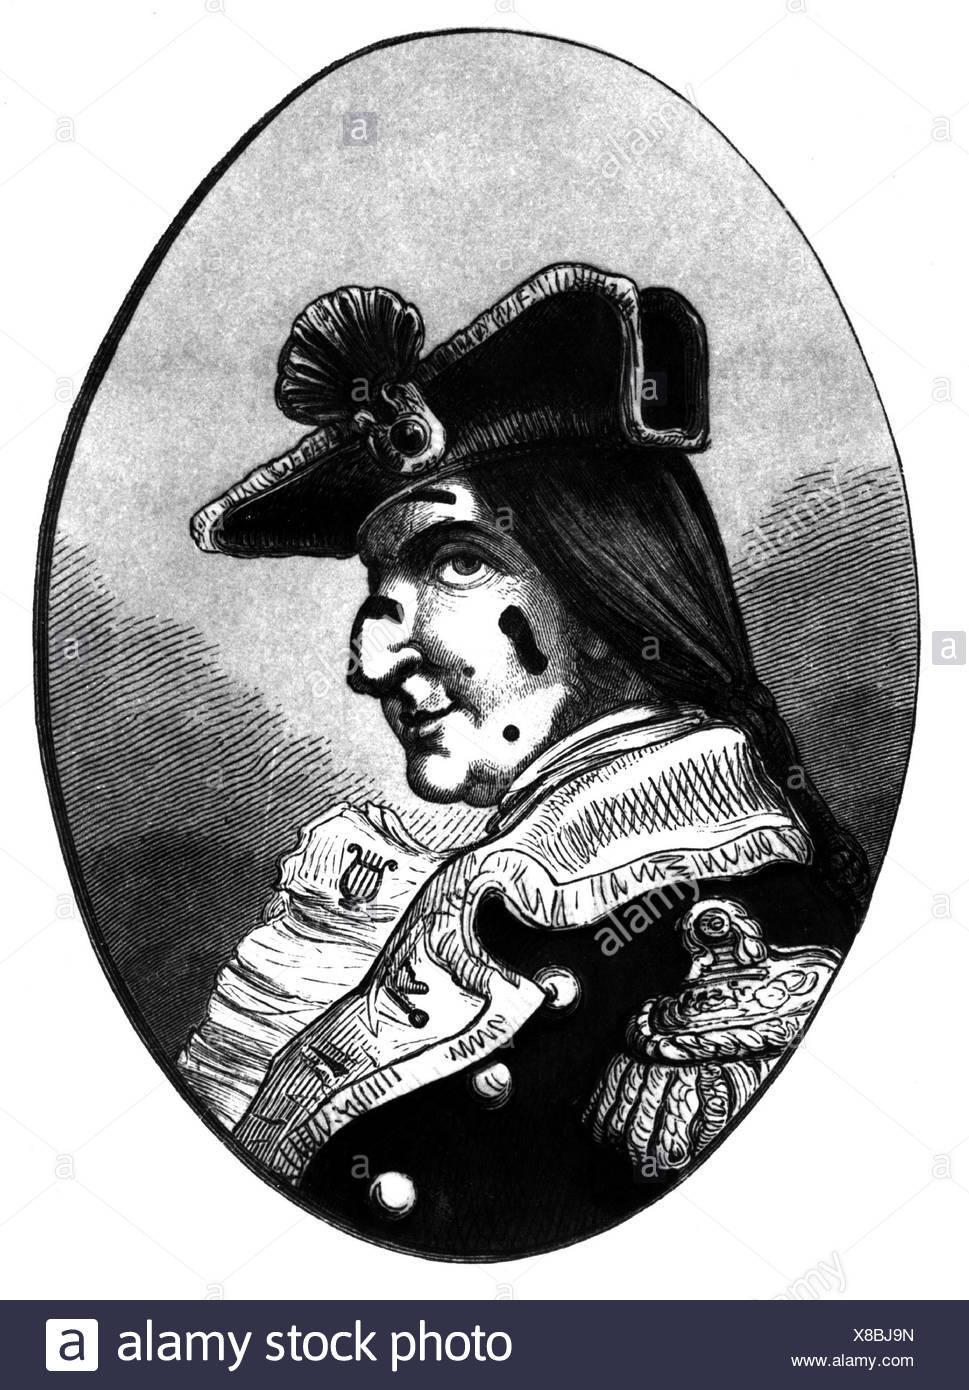 Münchhausen, Barón Karl Friedrich Hieronymus, Freiherr von, 11.5.1720 - 22.2.1797, retrato, grabado en madera,Munchhausen, Muenchhausen, , Foto de stock